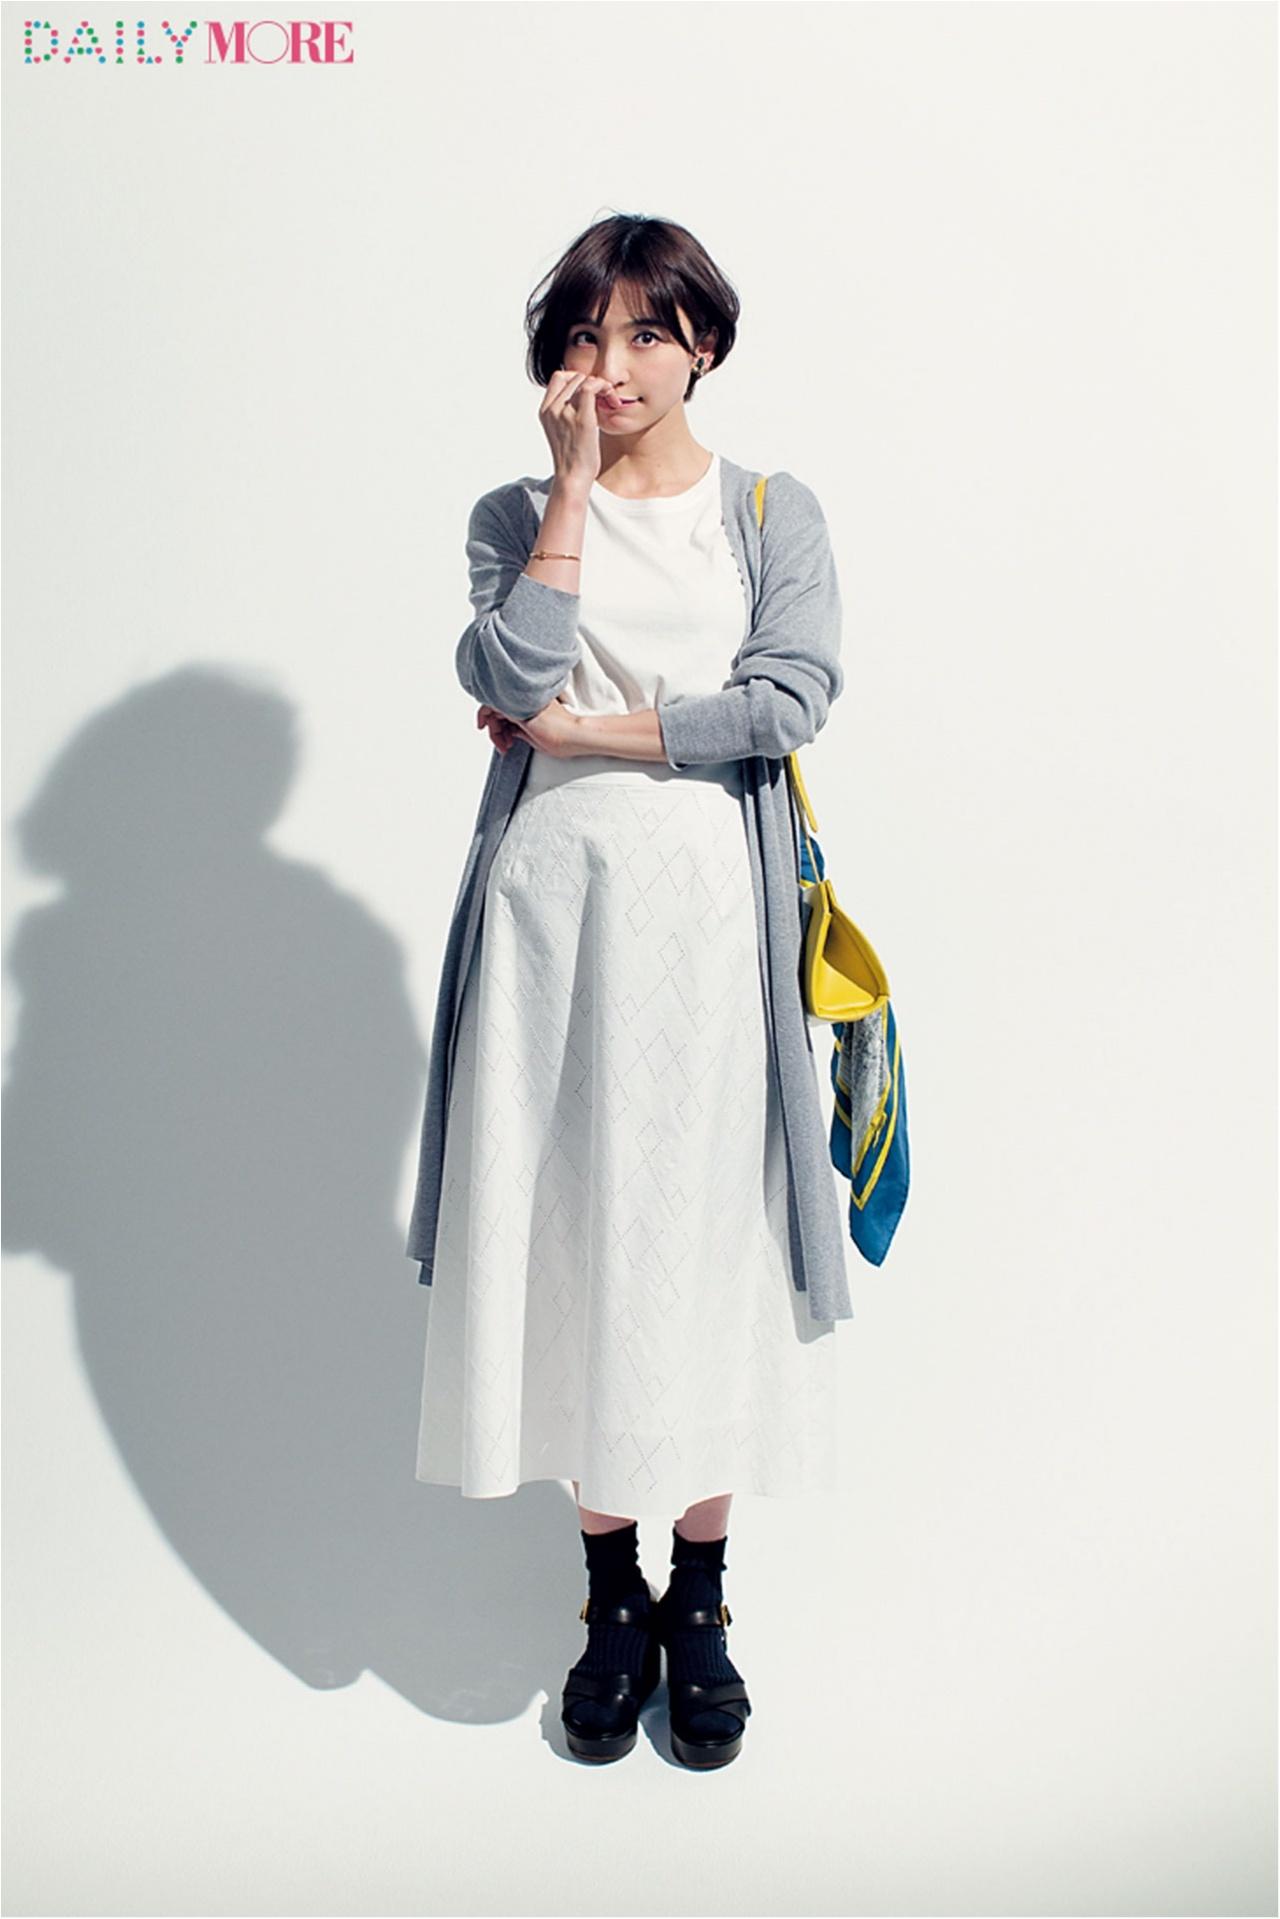 【今日のコーデ/篠田麻里子】Tシャツが着たい木曜日は夏っぽモノトーンが効果的!_1